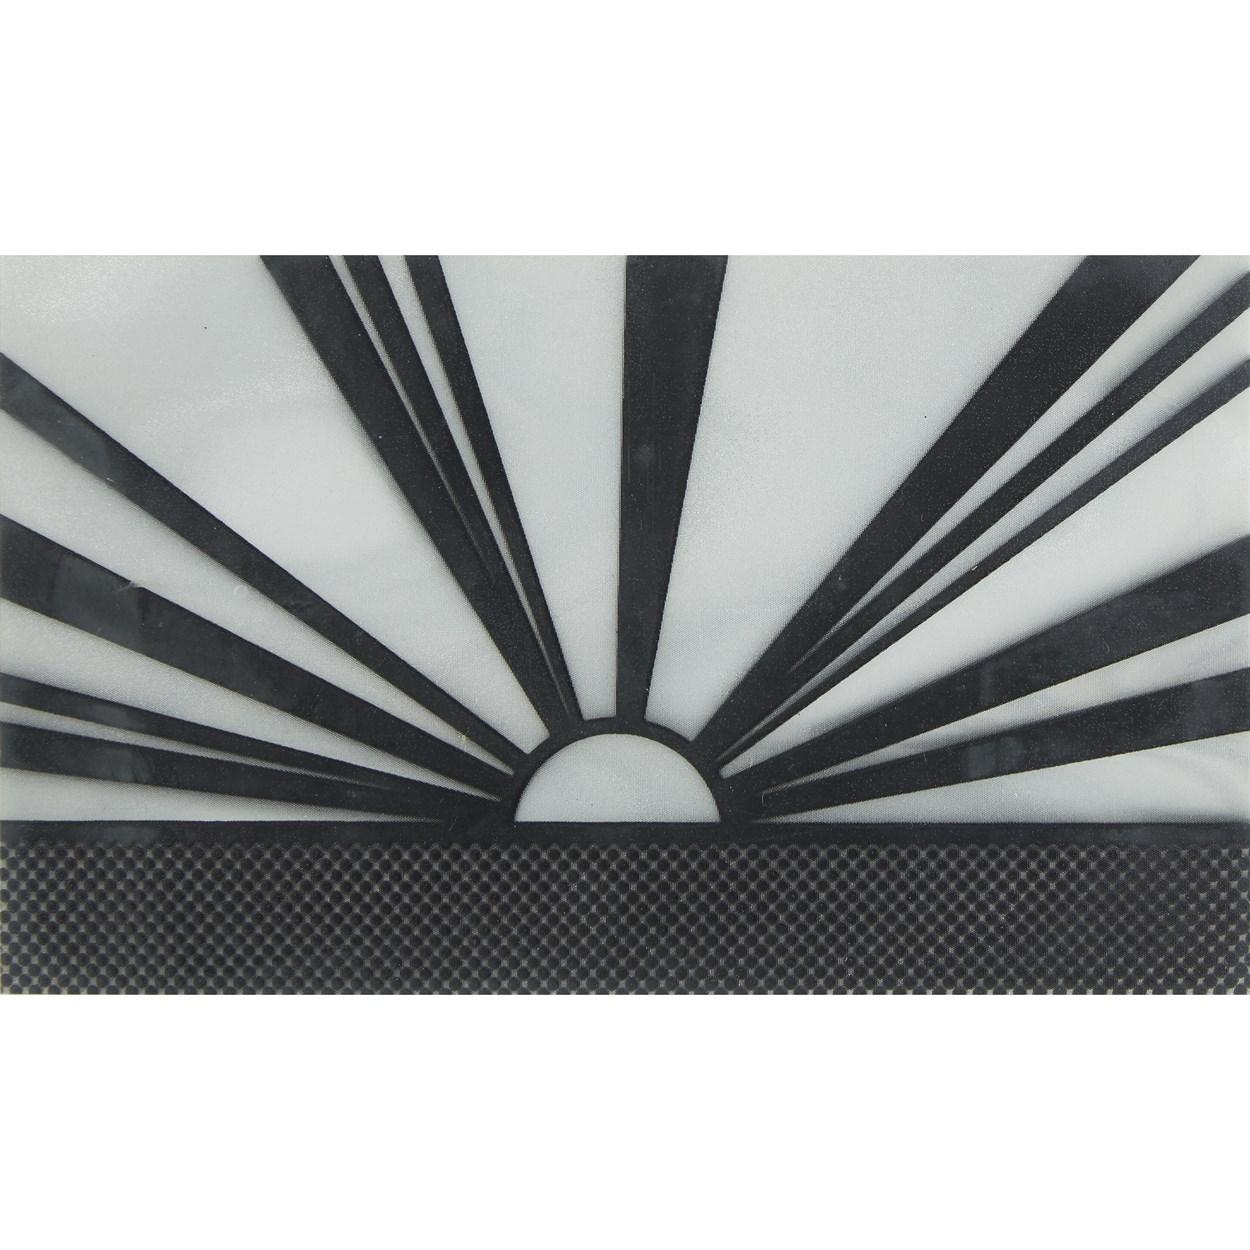 Lot 16 - Roy Lichtenstein (American, 1923-1997)